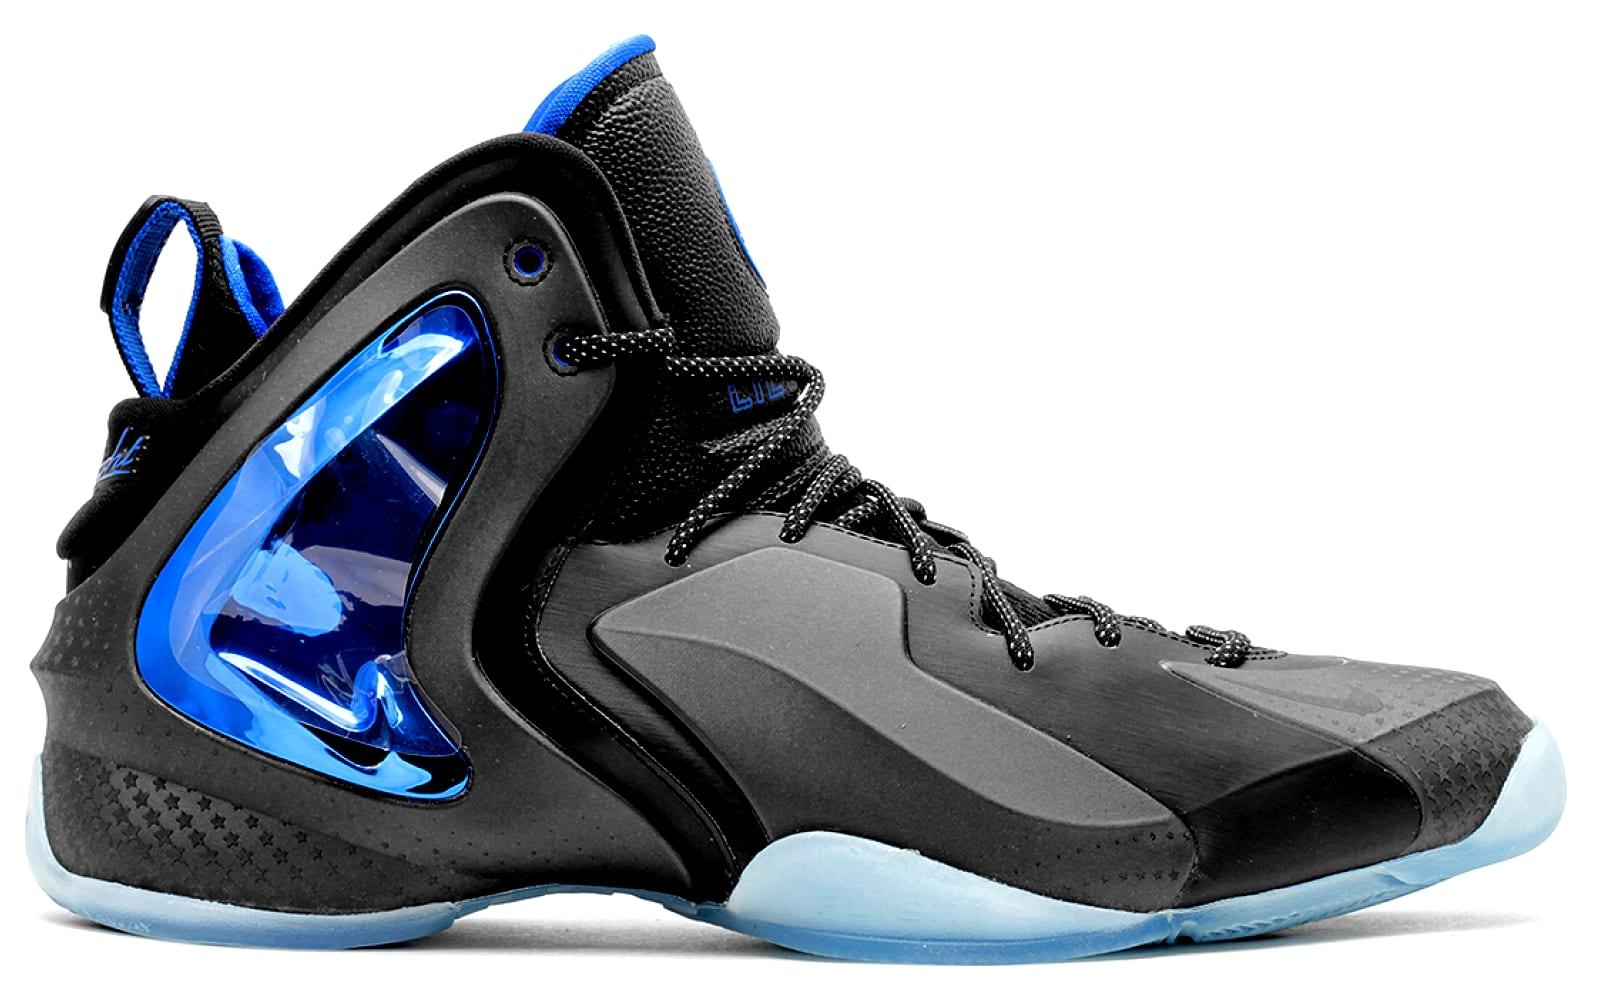 22f8650d77f015 Most Flagrant Shaq Sneaker Knockoffs